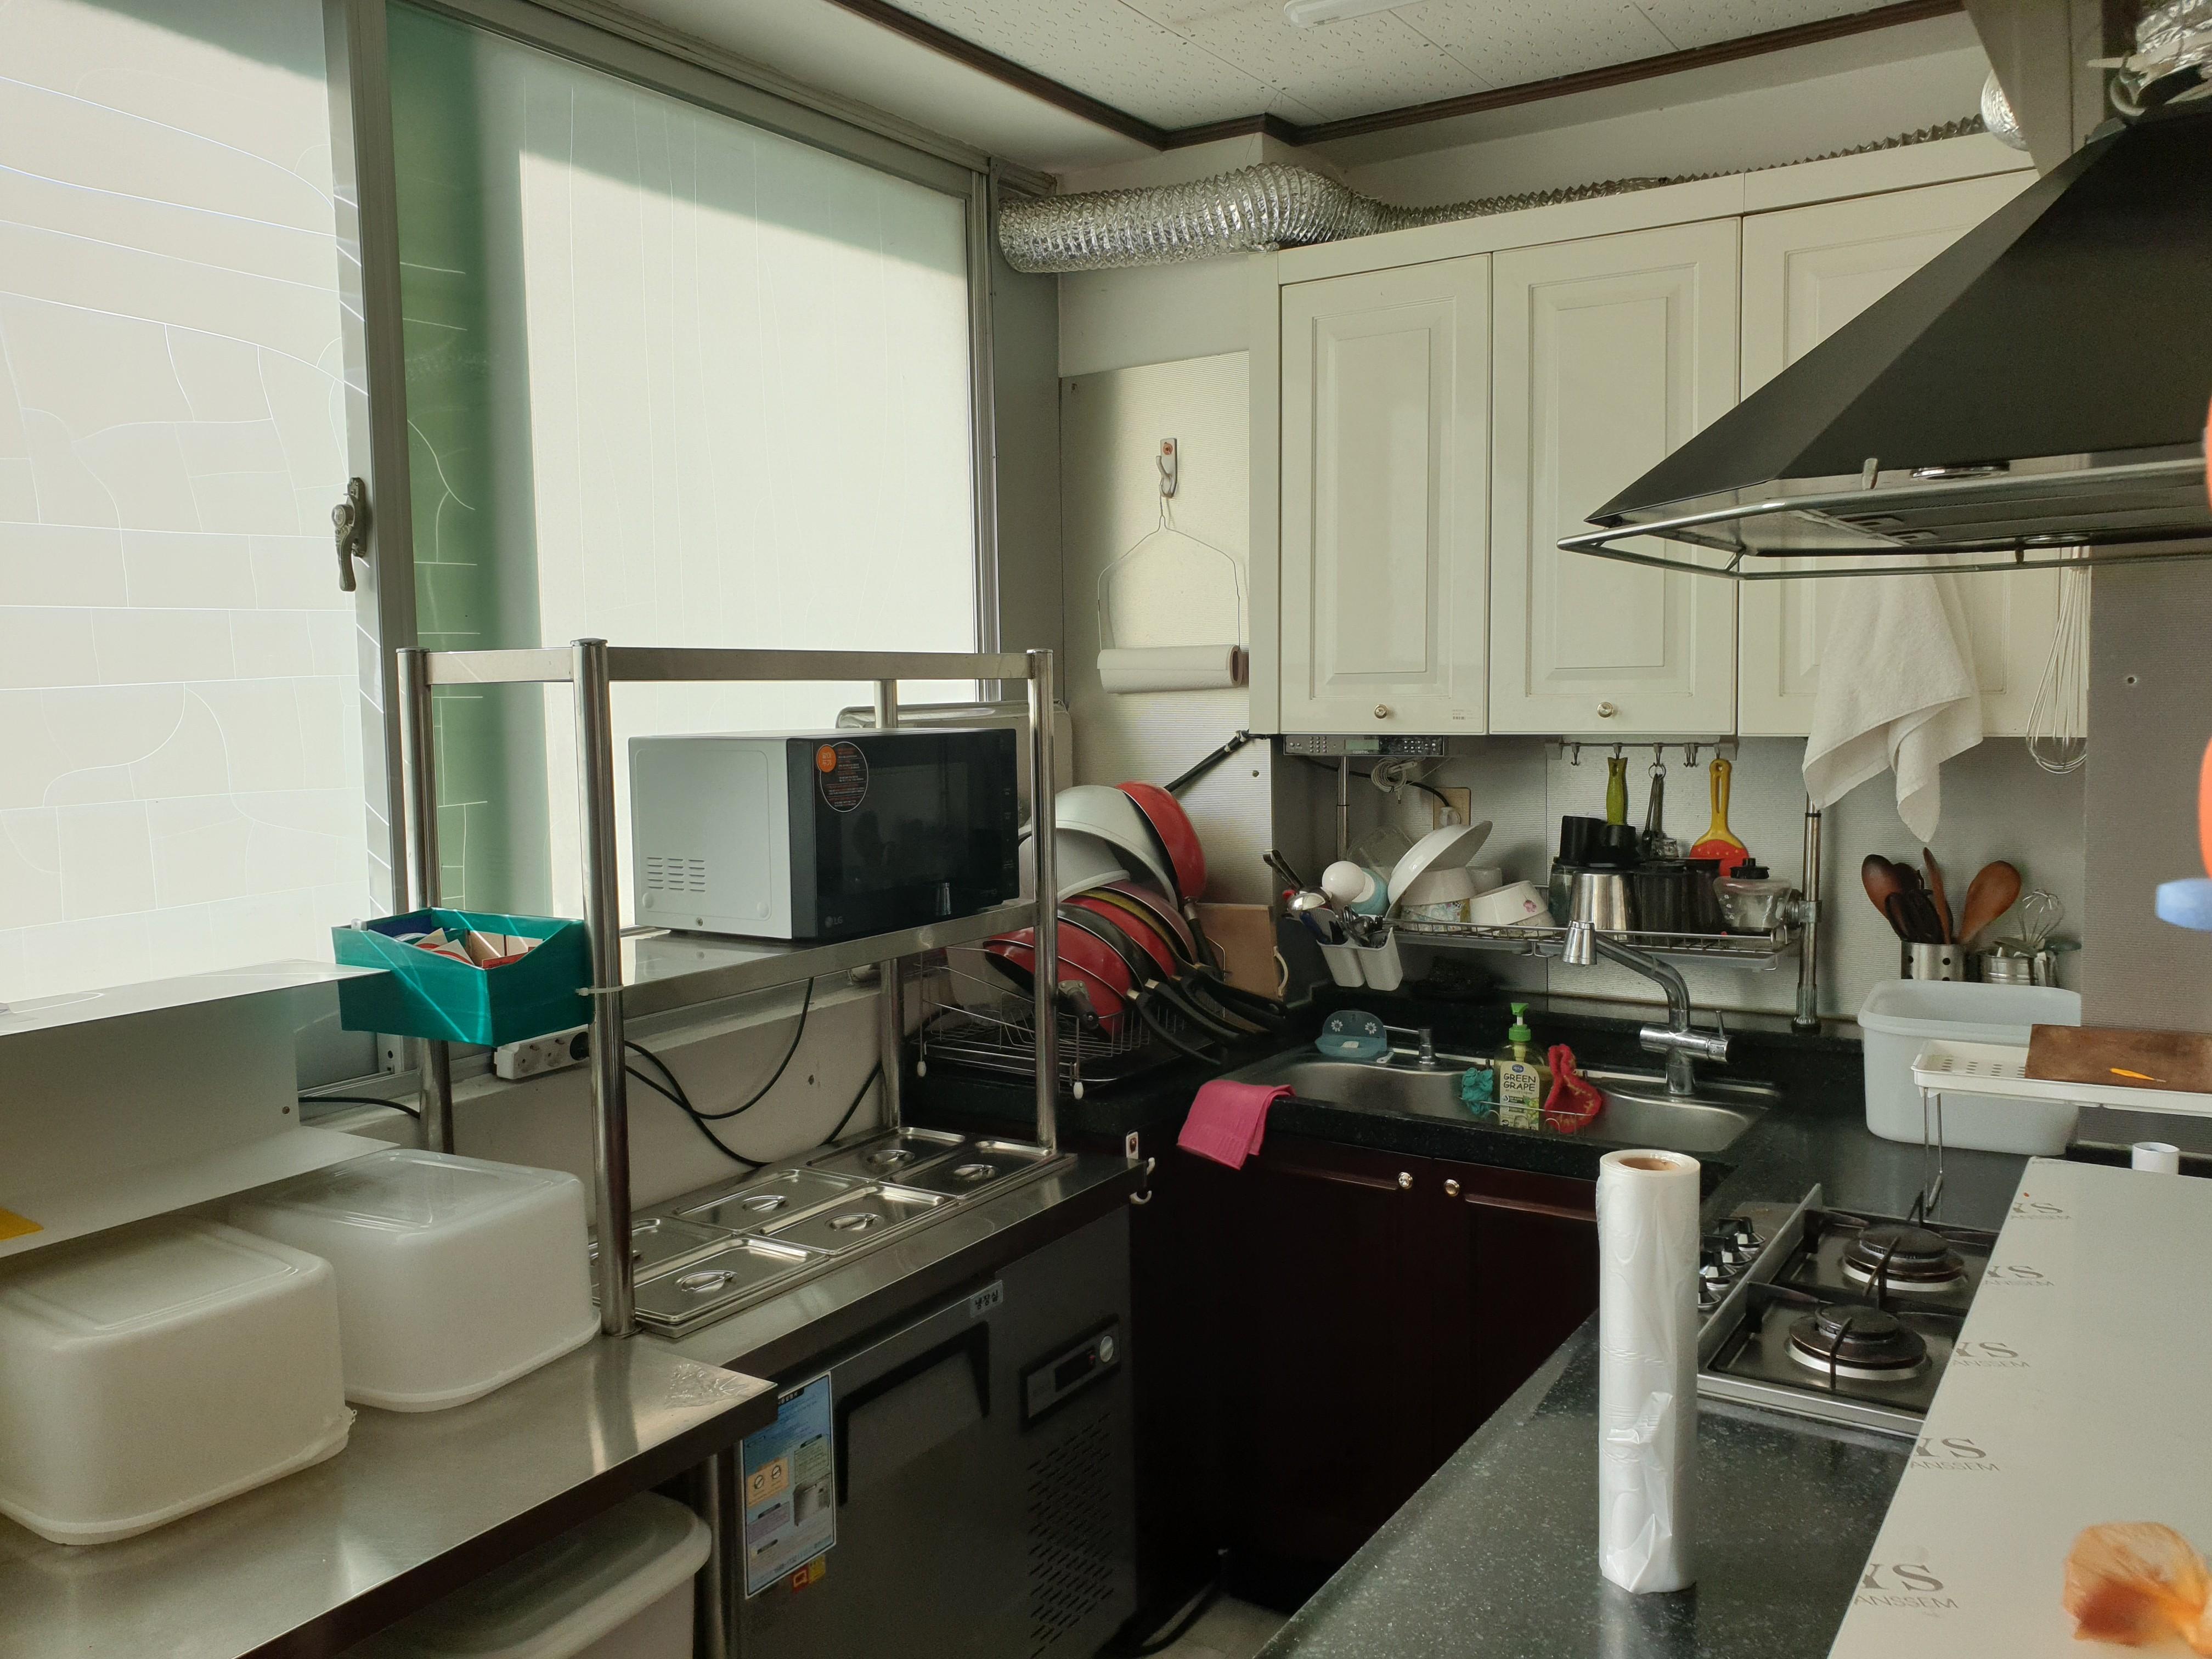 3 번째 사진 단독주택 에  연면적344.98 ㎡ 부산 남구 동명로 석면조사 현장